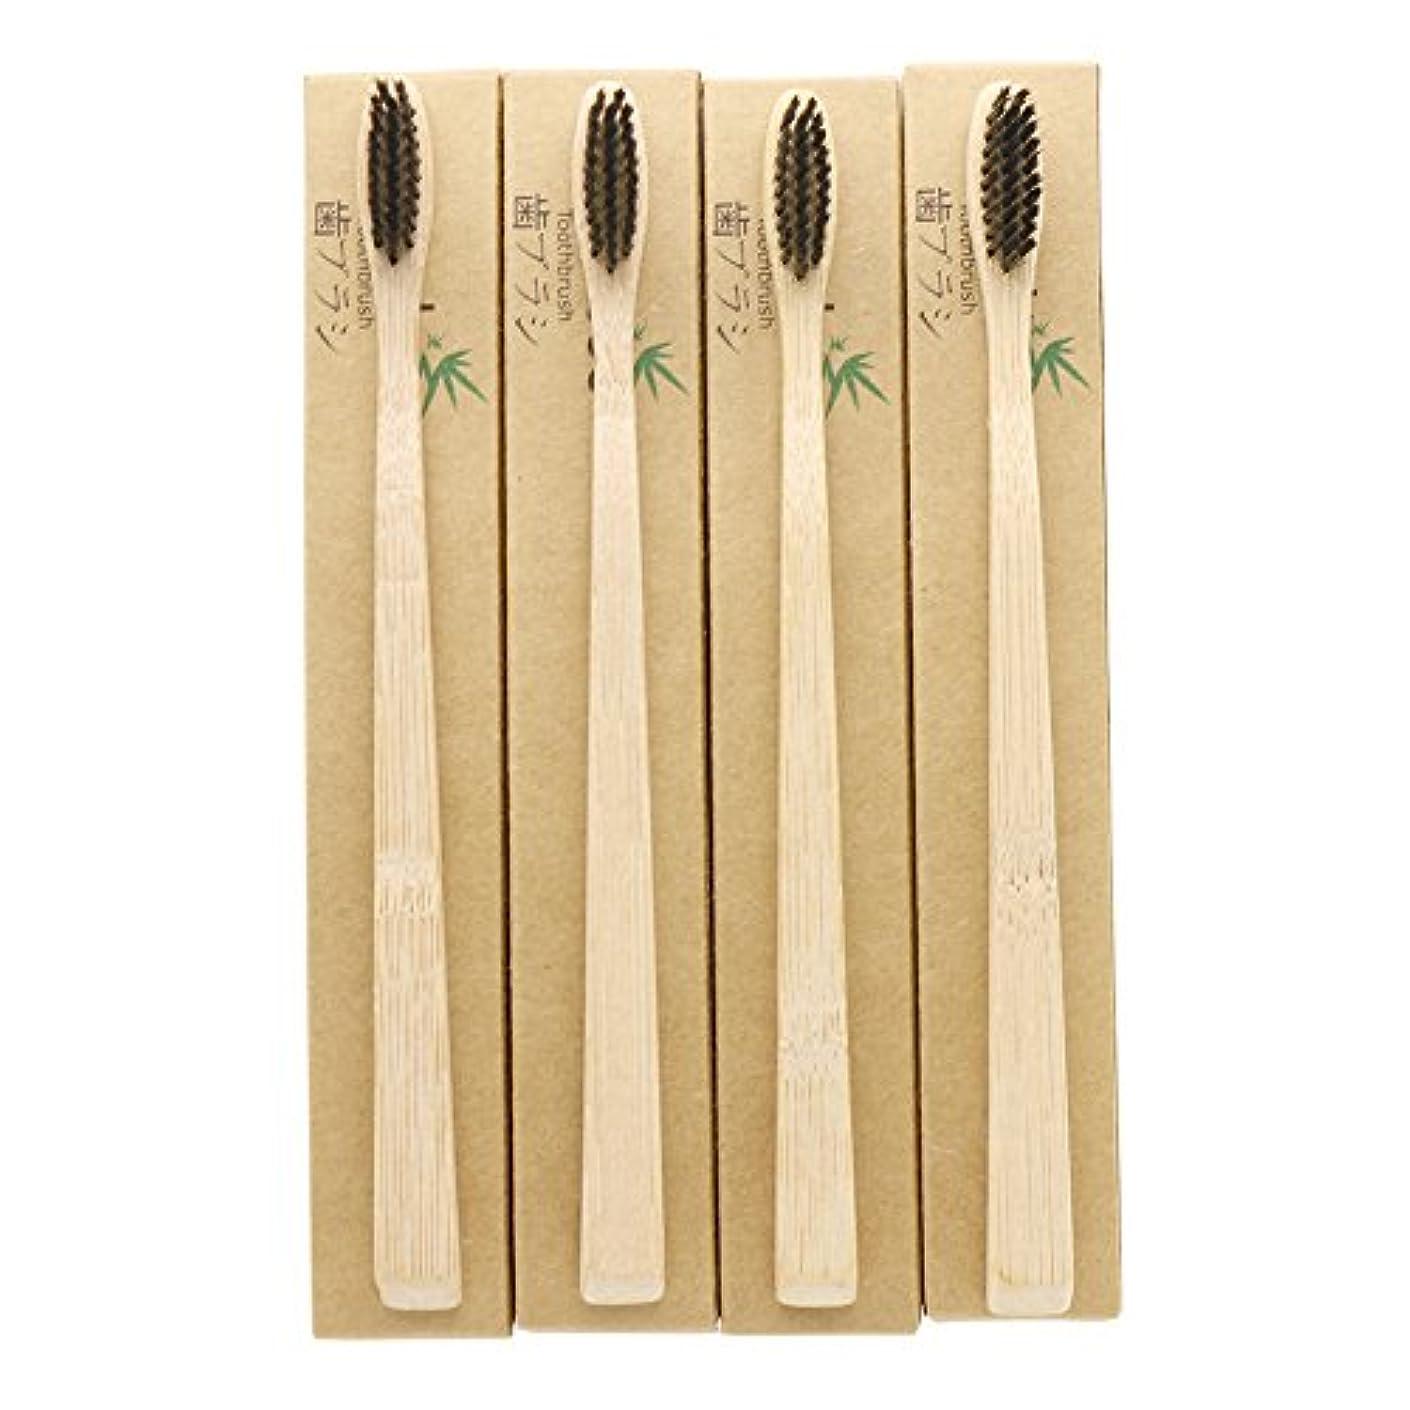 盟主回復する雇用者N-amboo 竹製耐久度高い 歯ブラシ 黒い ハンドル小さい 4本入りセット